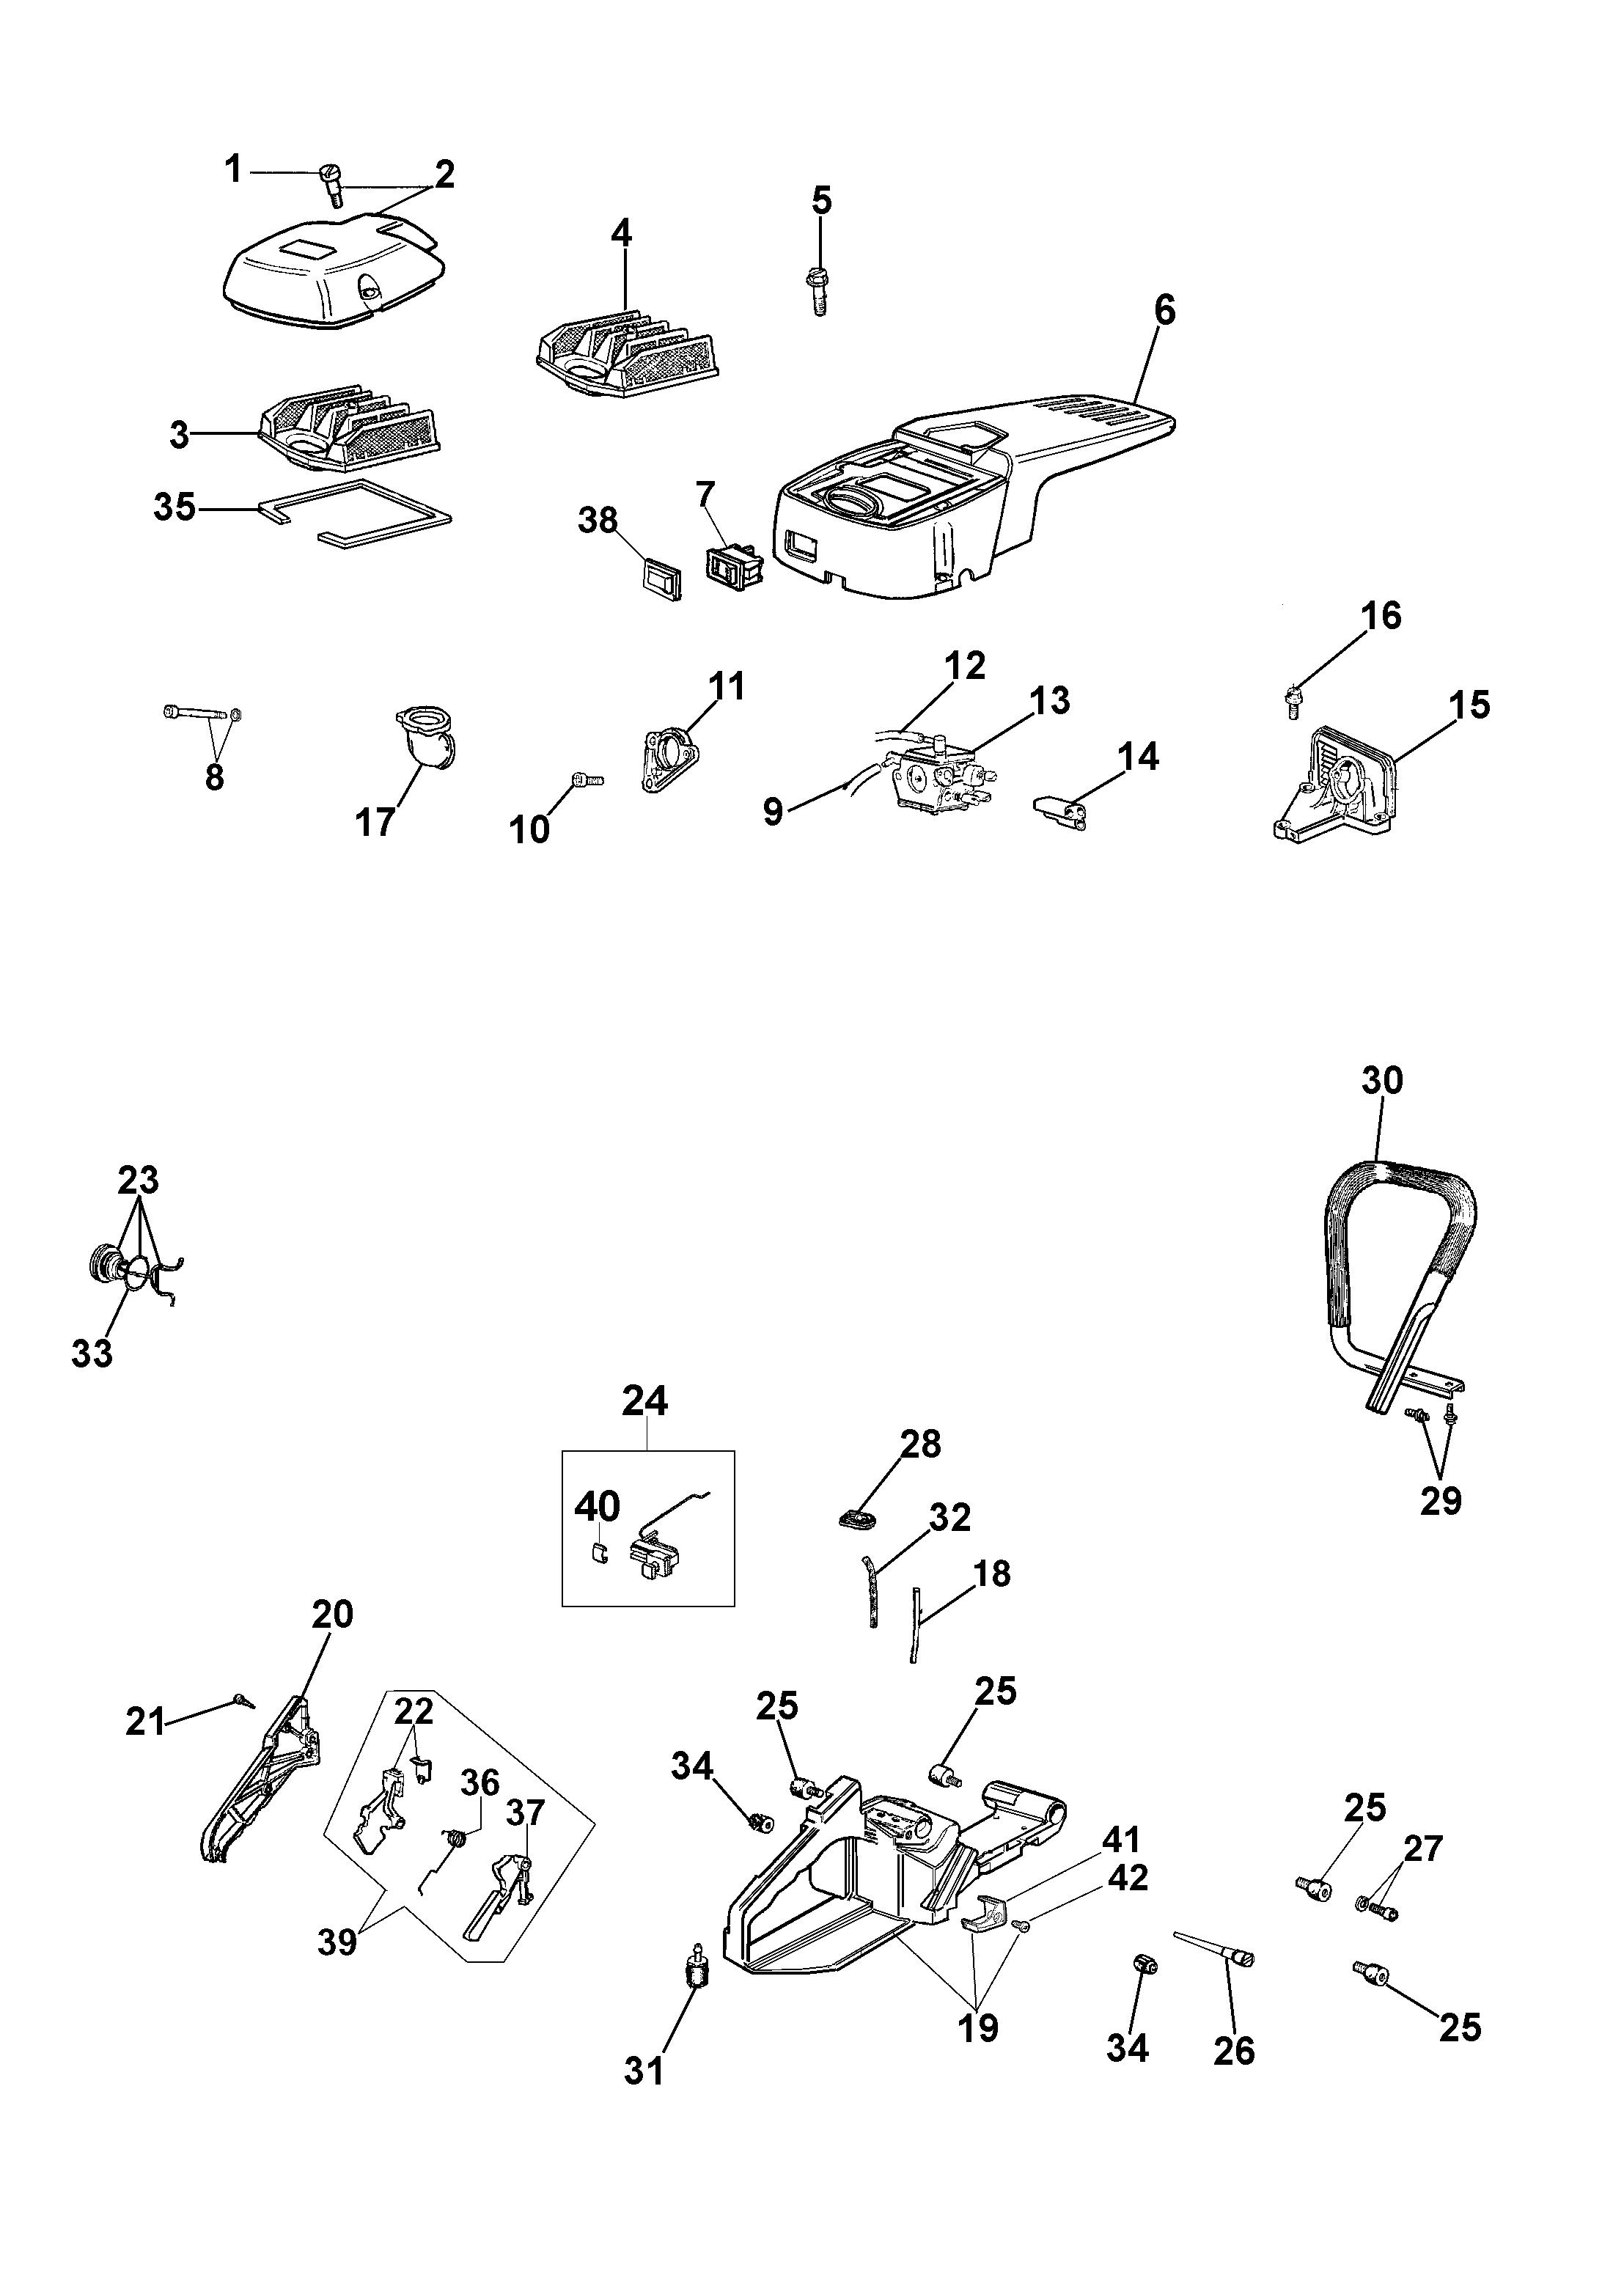 962 Tronçonneuse oleomac Dessins pièces vue éclatée Réservoir et filtre air